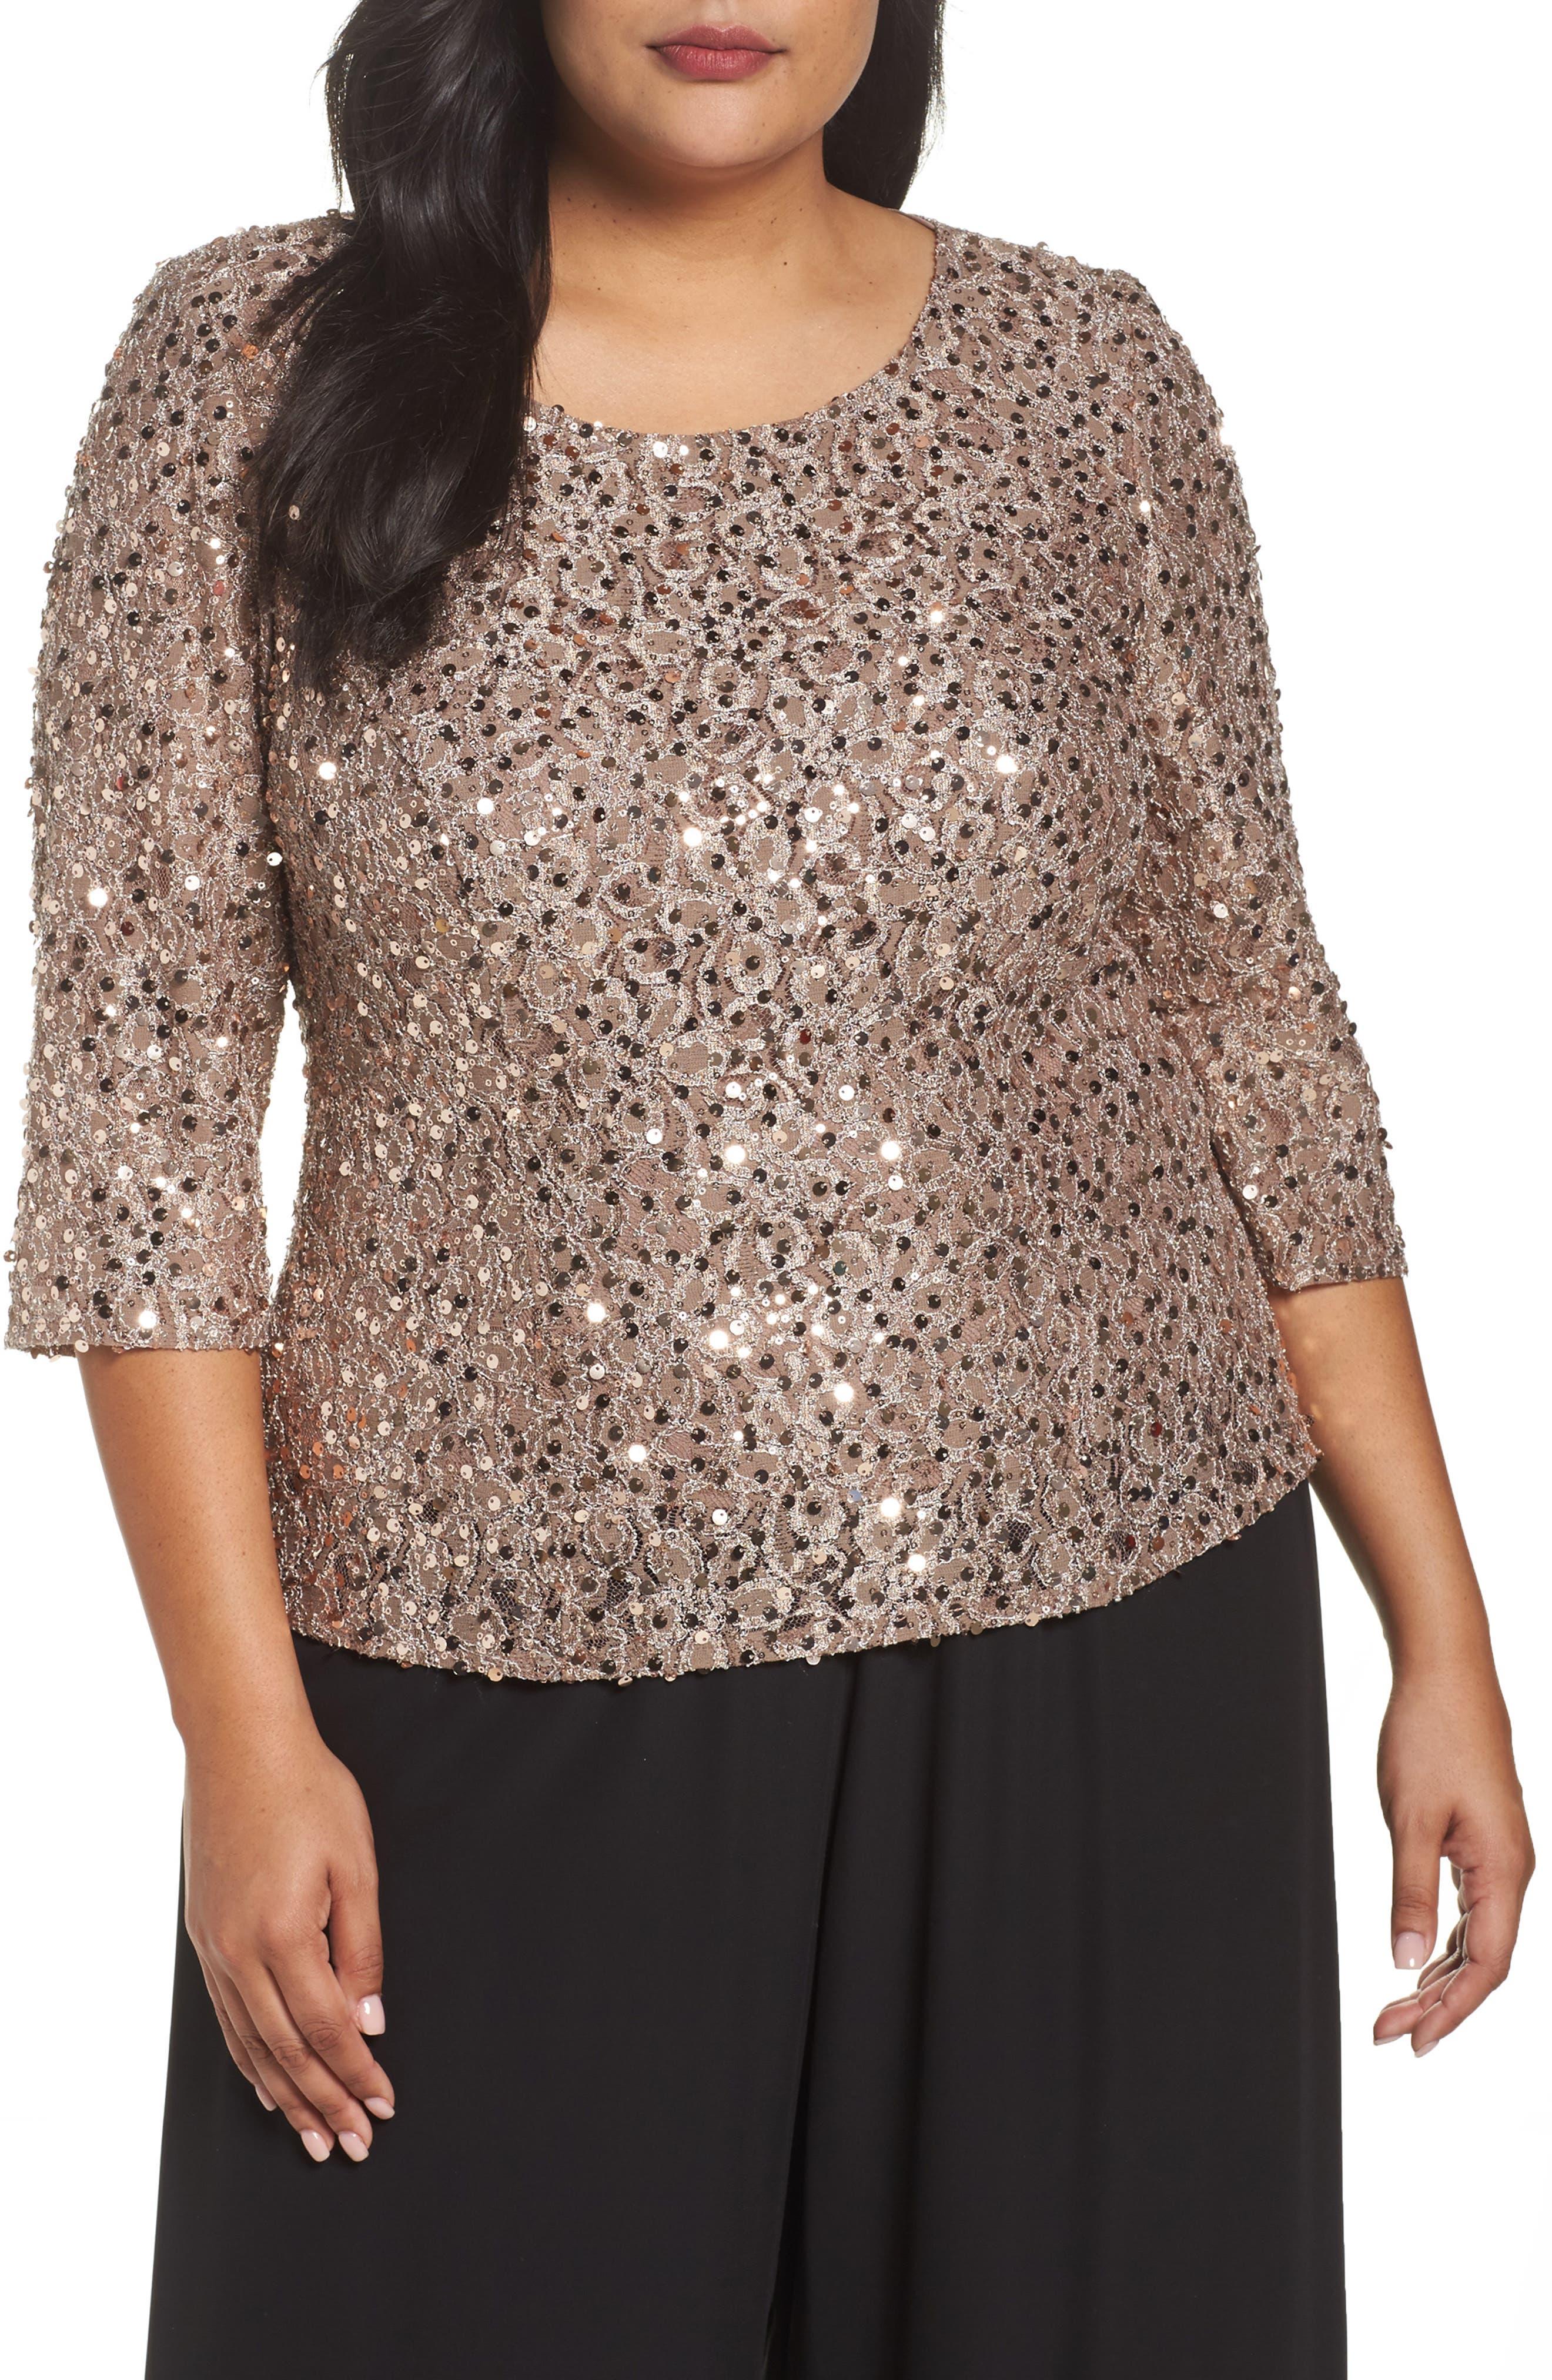 Main Image - Alex Evenings Sequin Top (Plus Size)